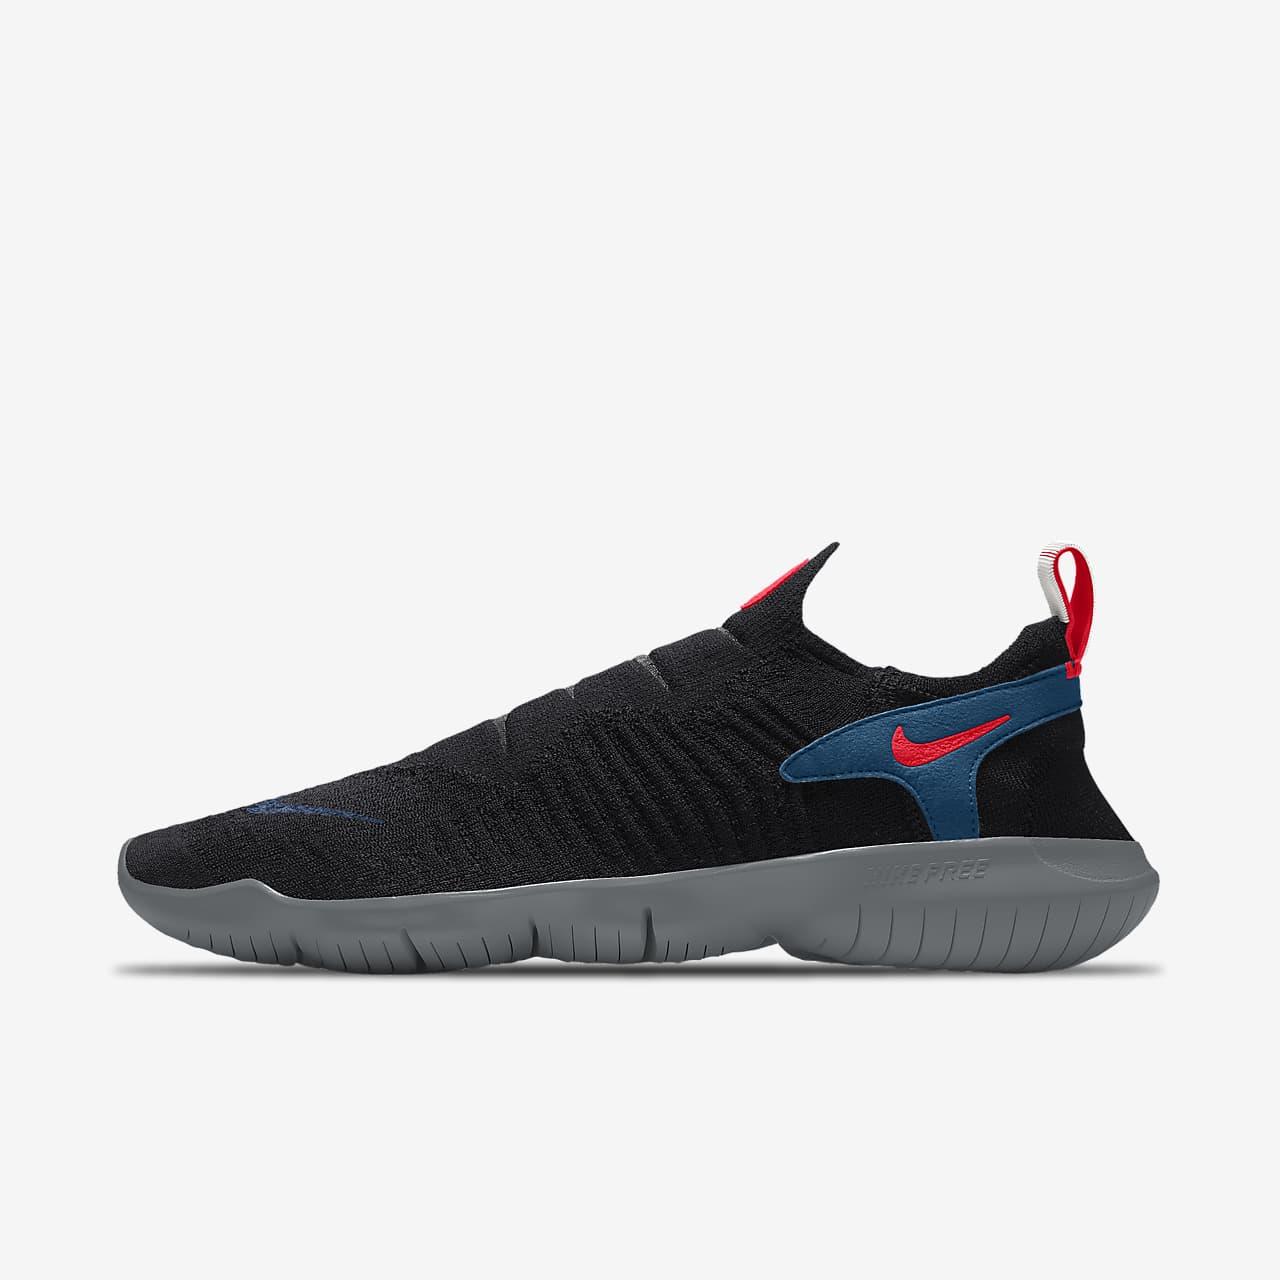 รองเท้าวิ่งผู้หญิงออกแบบเอง Nike Free RN Flyknit 3.0 By You